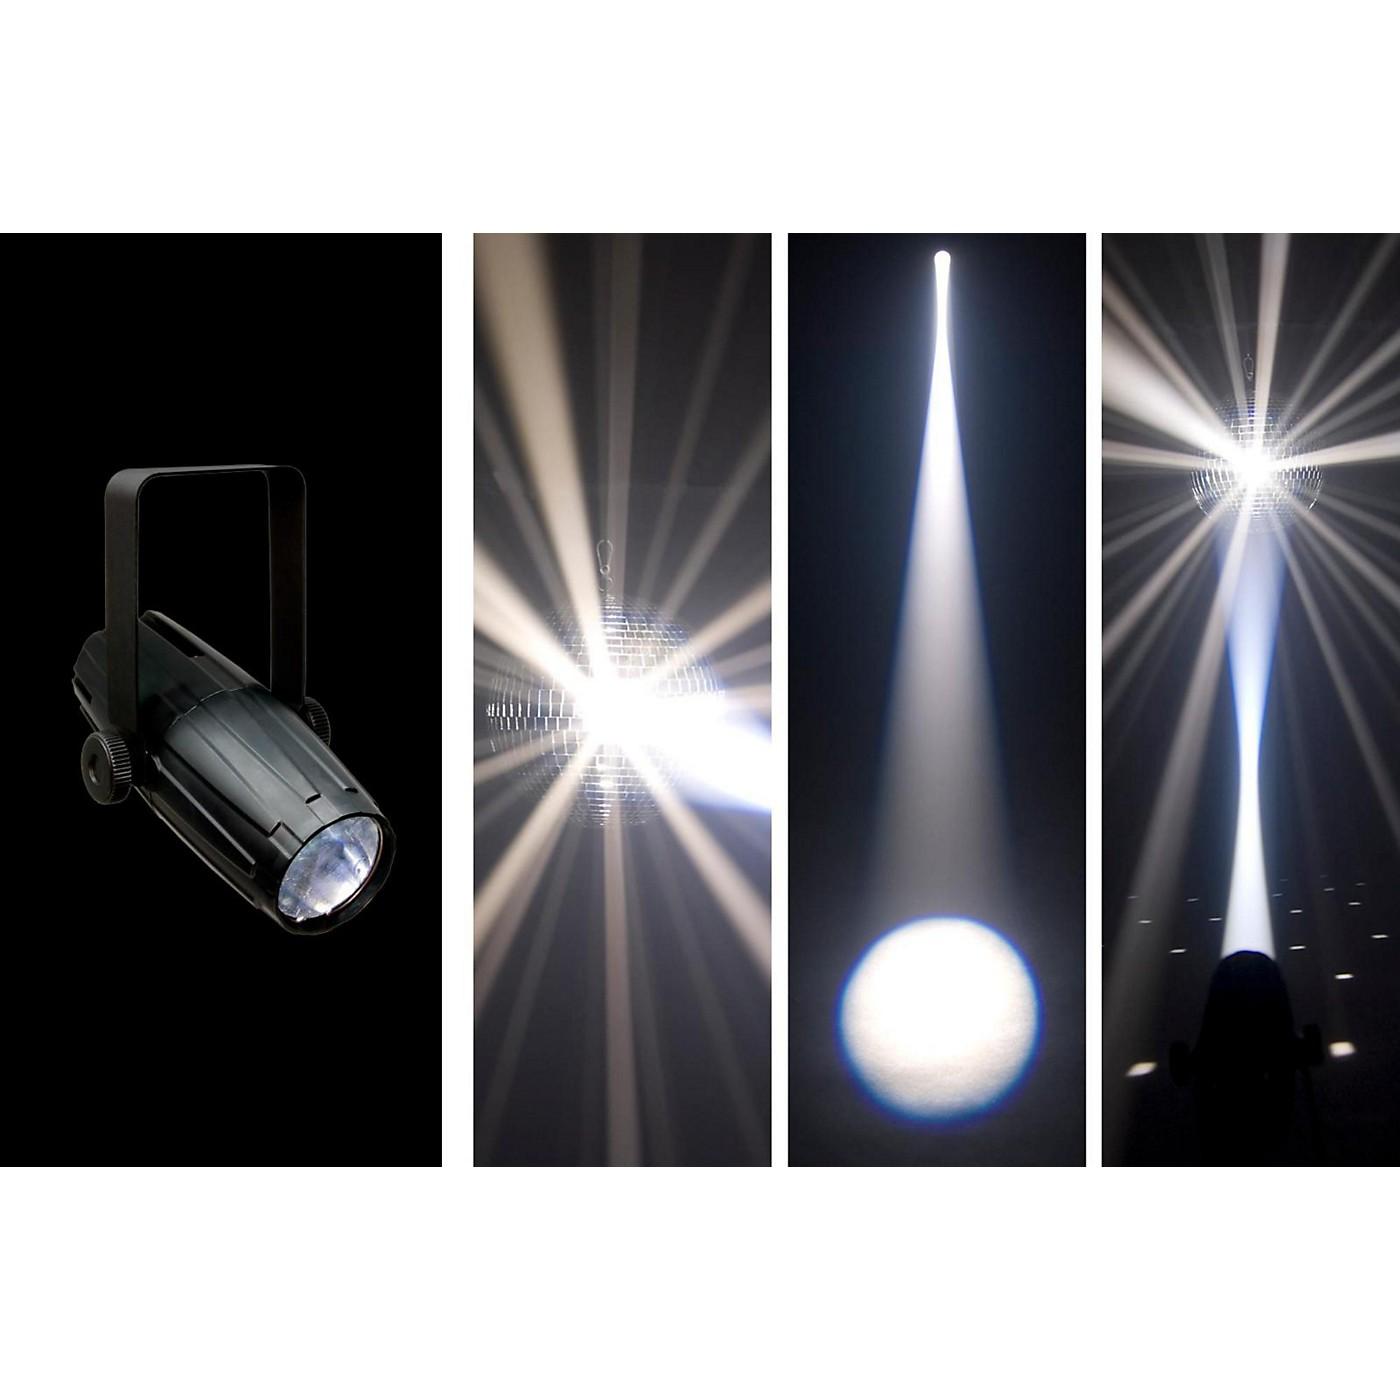 CHAUVET DJ LED Pinspot 2 Spot Light thumbnail